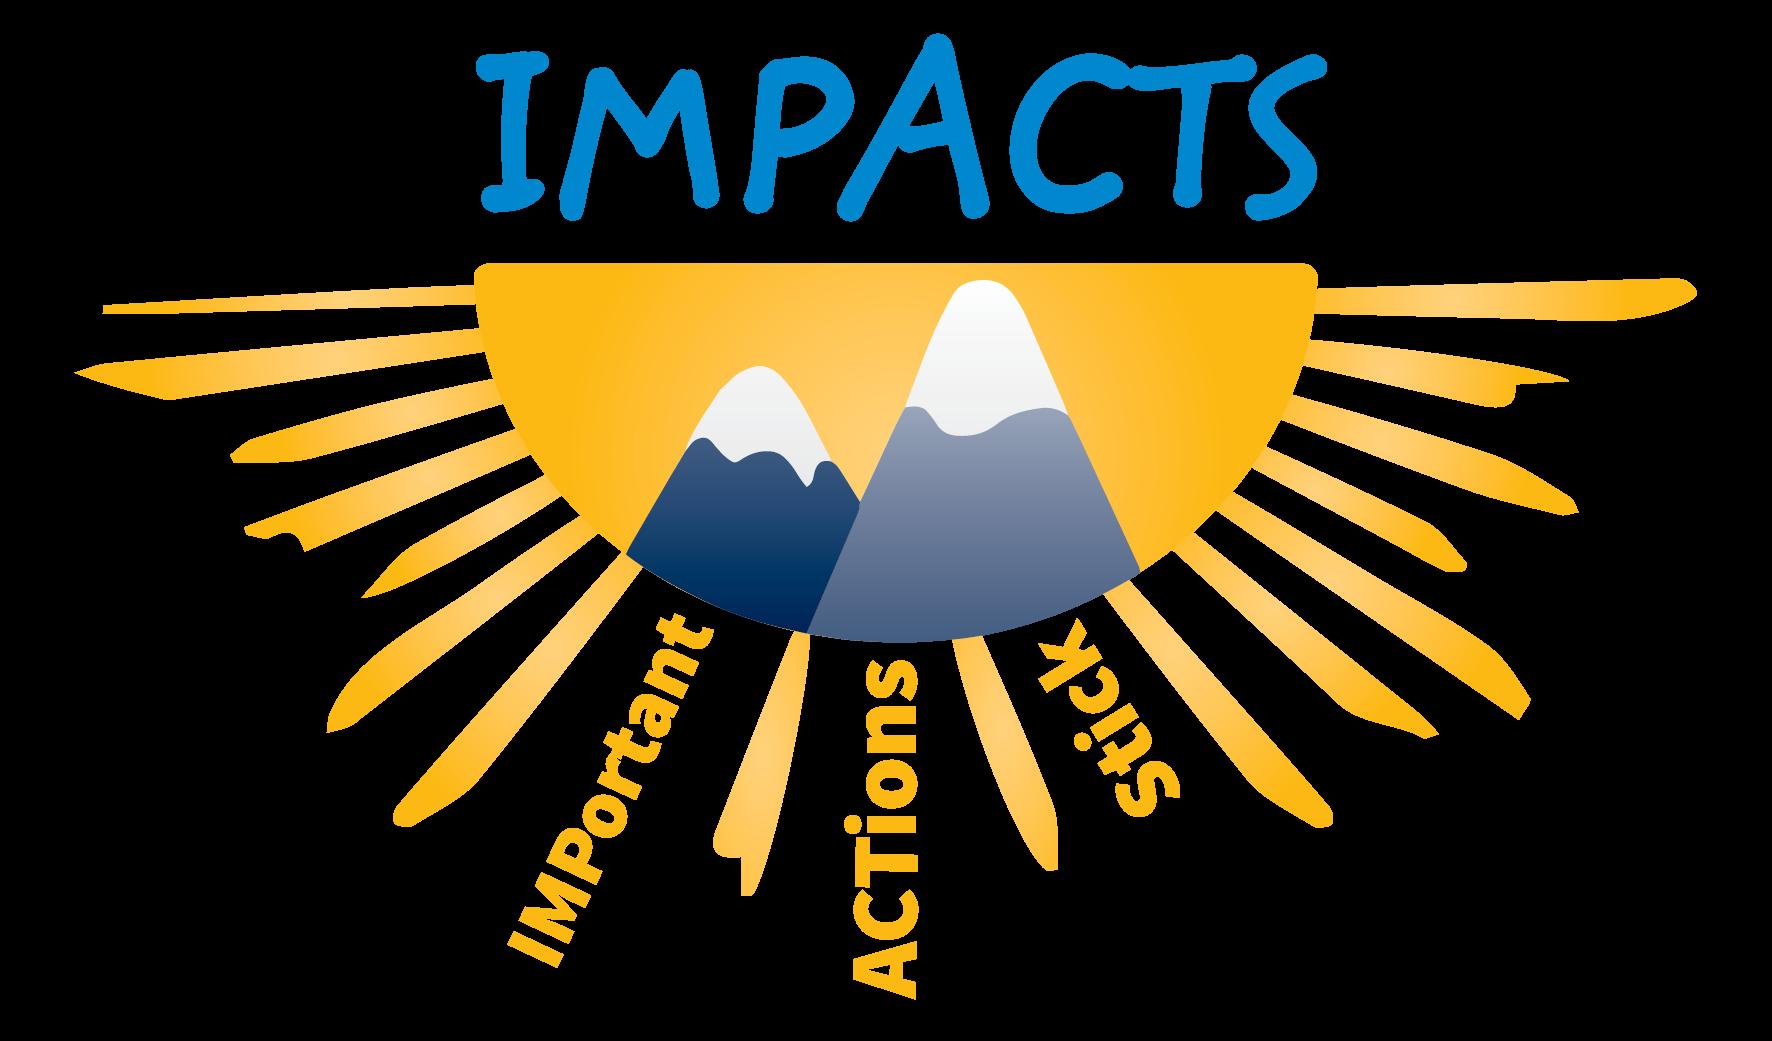 IMPACTS basic logo